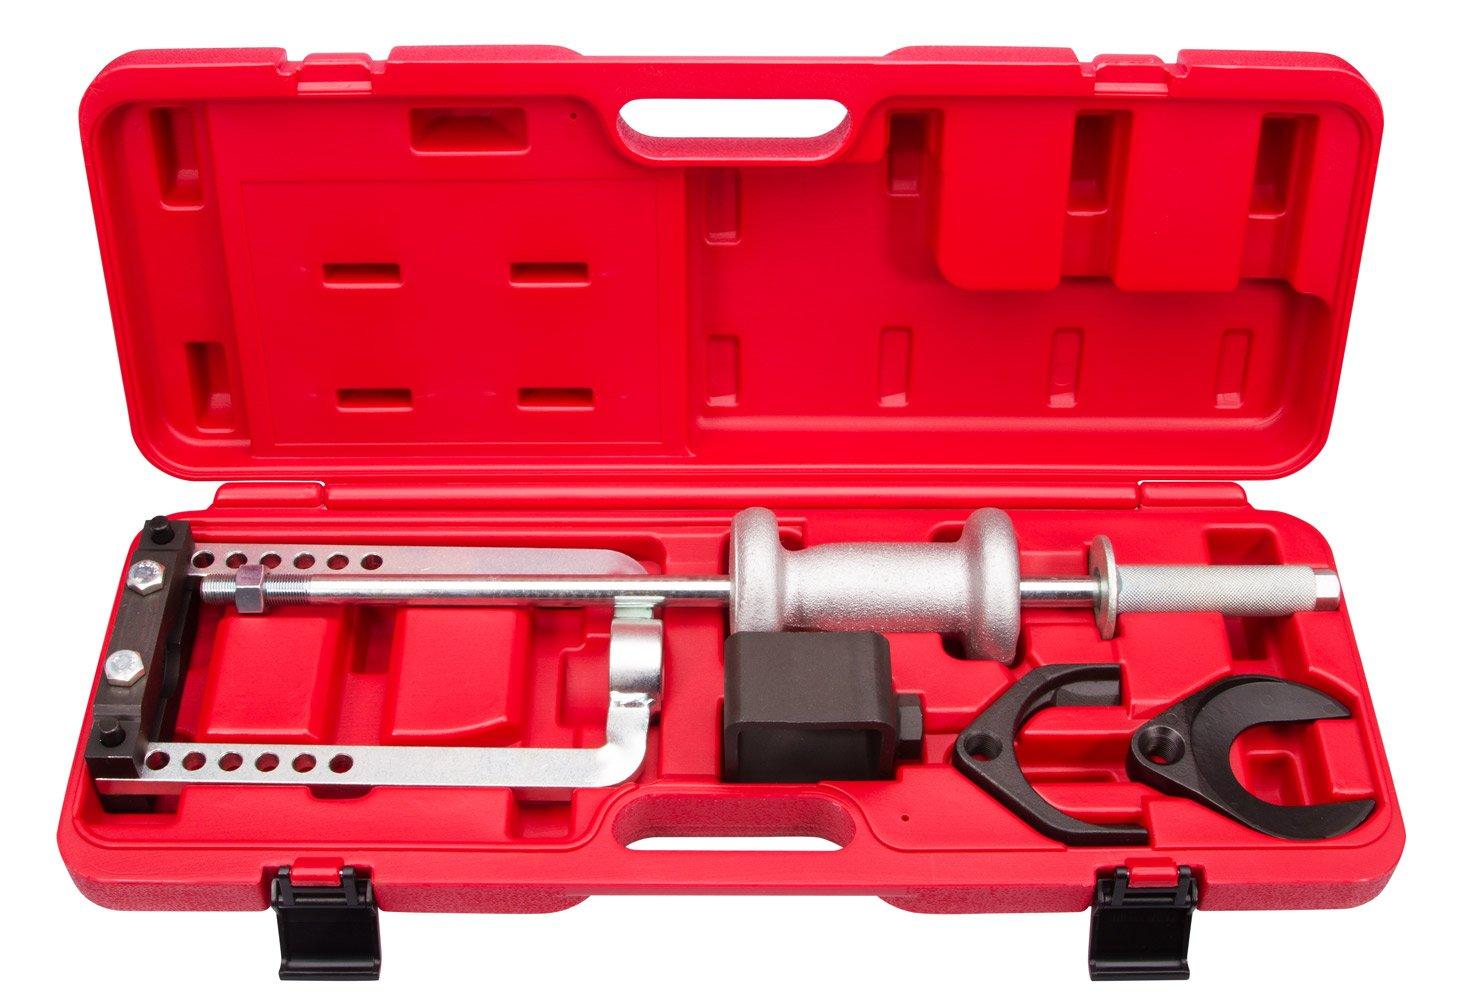 Coffret d'extracteur pour Cardans, arbre de transmission, outil de dè montage outil de dèmontage Otger Lensker